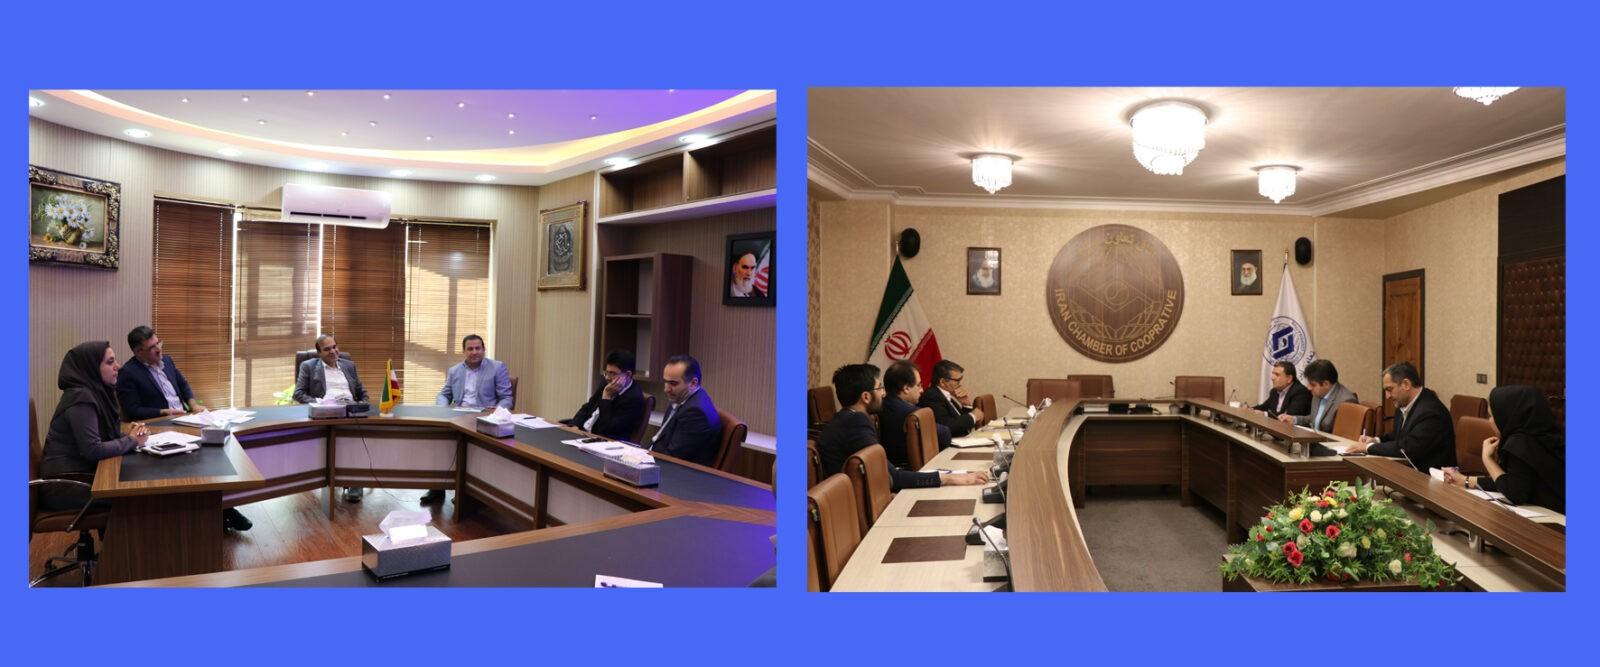 کارگروه های ساختار قوانین و تامین مالی در اتاق تعاون برگزار شدند